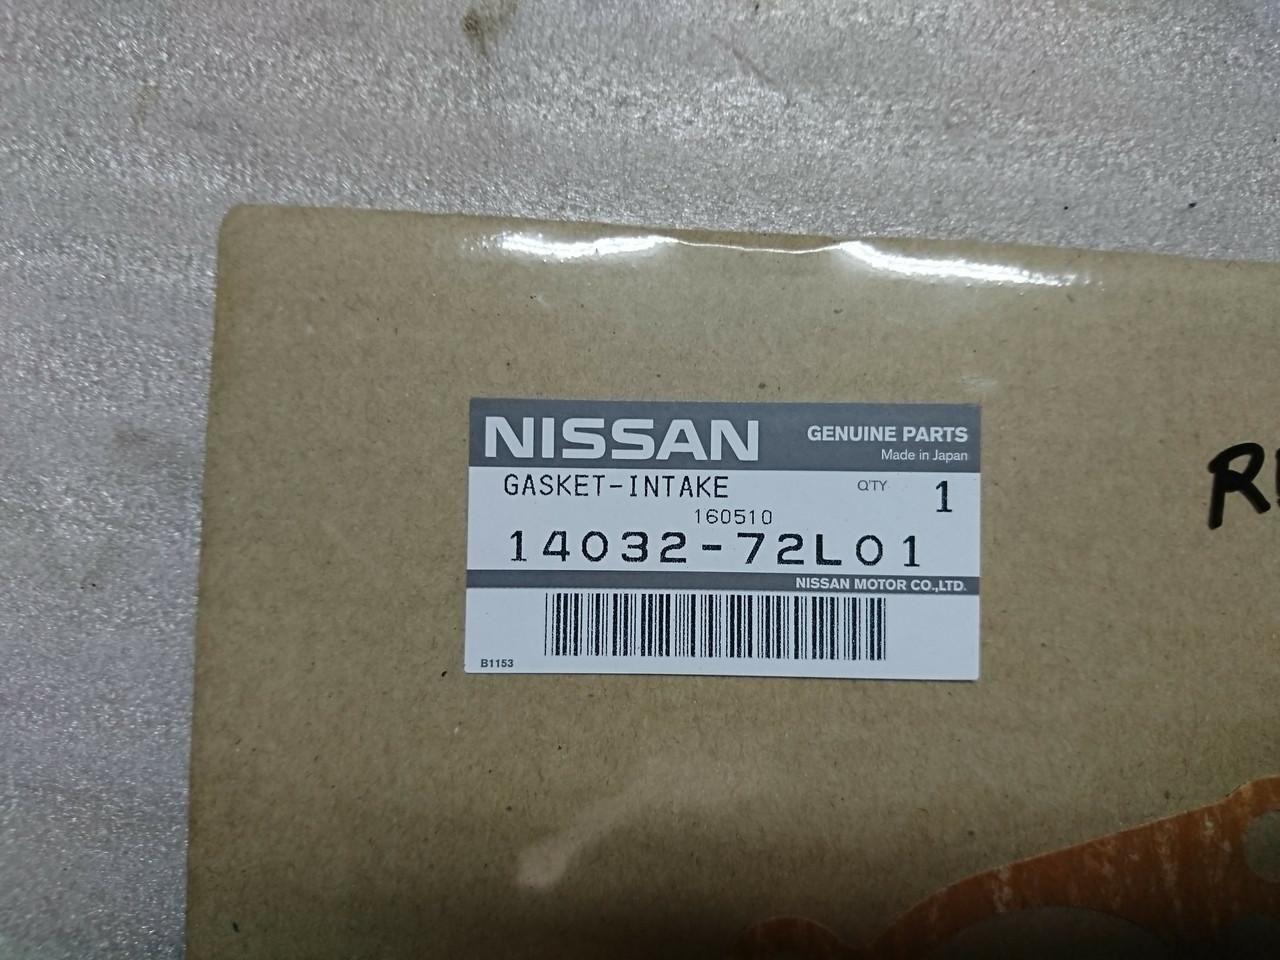 Nissan Genuine OEM Intake Collector Gasket RB20DET